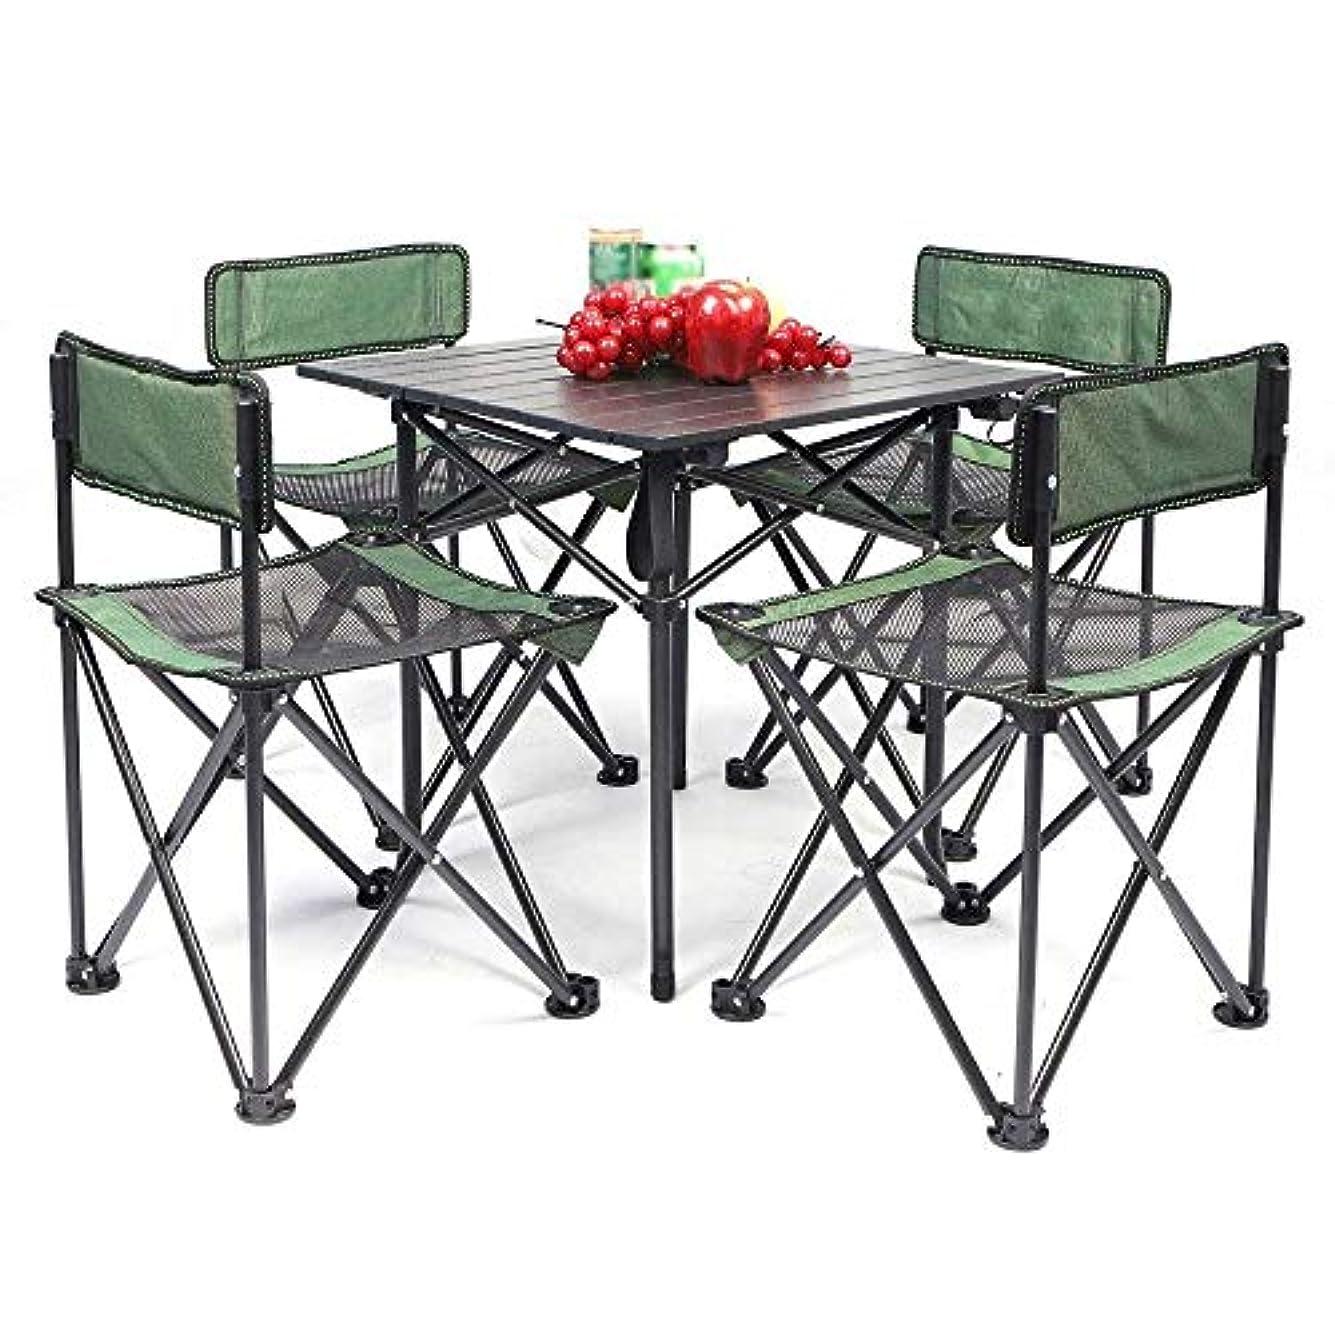 寄付するジュラシックパークチャート屋外折りたたみピクニックテーブルと椅子セットの5アルミ合金多機能ポータブルキャンプバーベキューガーデンテラス自動運転ビーチヤードホームシンプル軽量頑丈な耐久性のあるグリーン